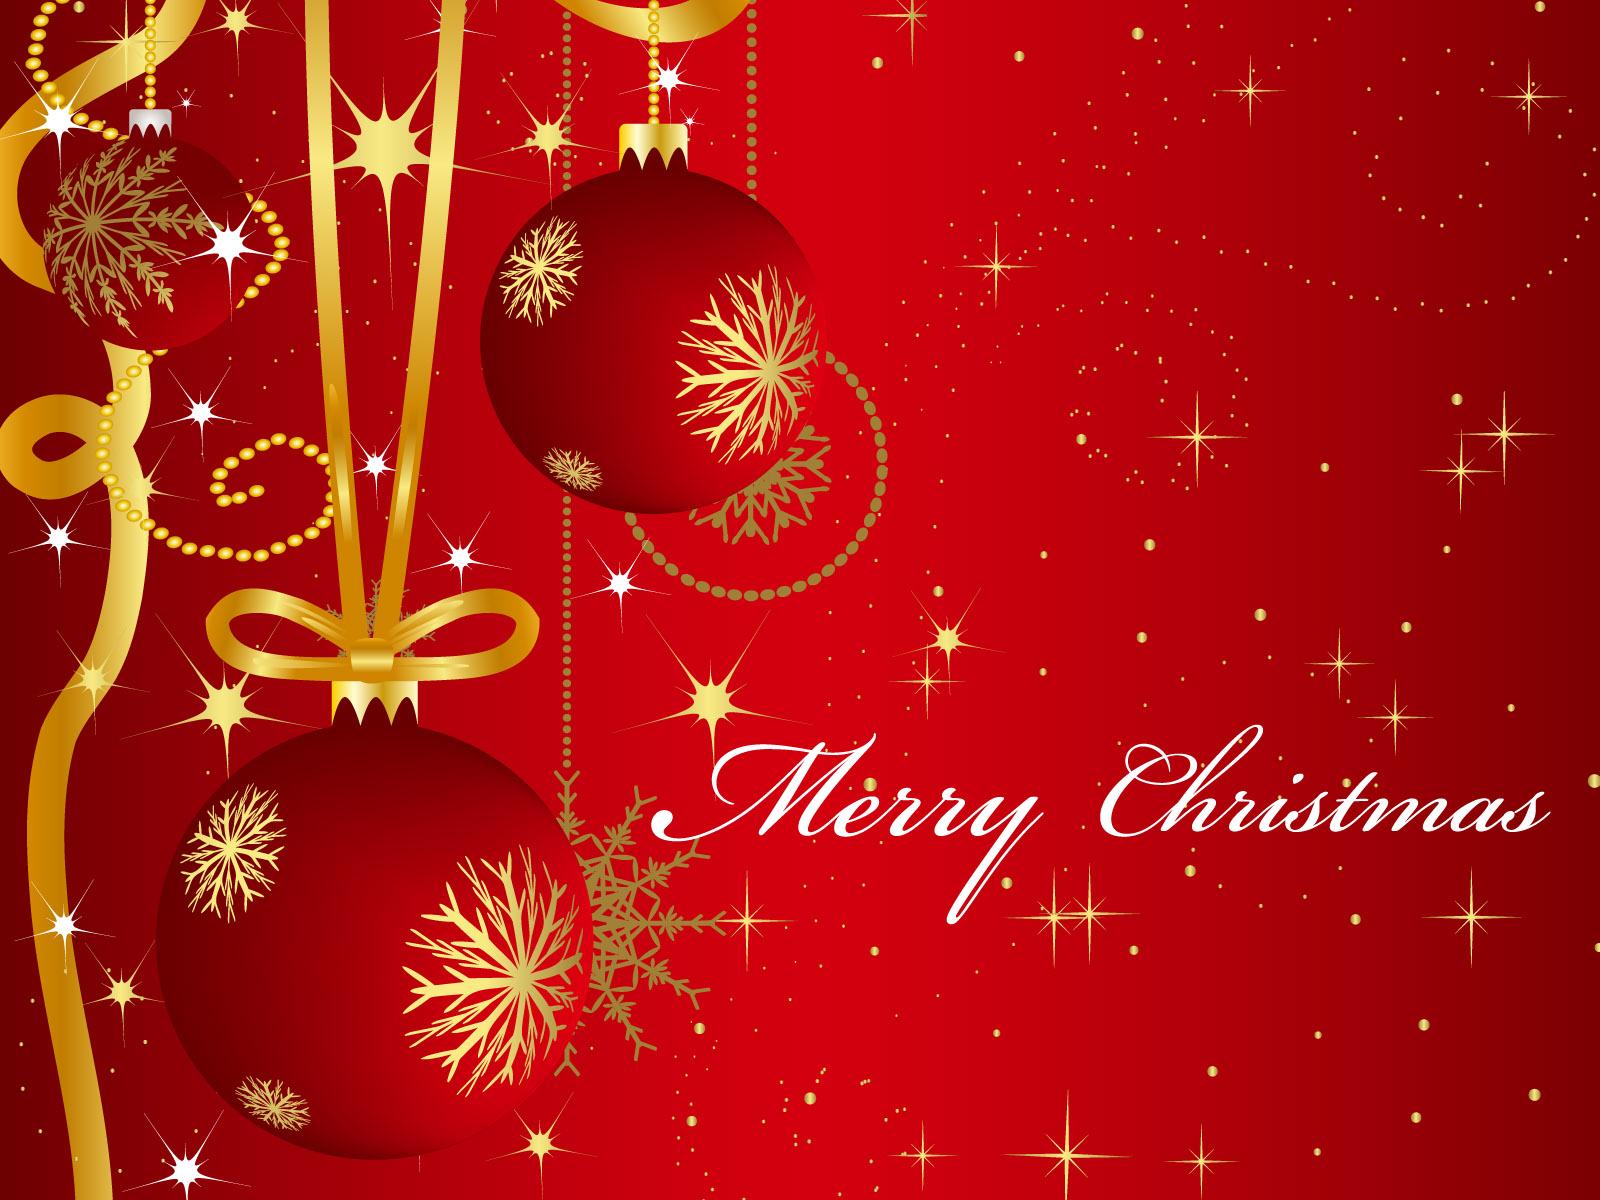 Weihnachten Hd Bilder.Hintergrundbilder Weihnachten Hd